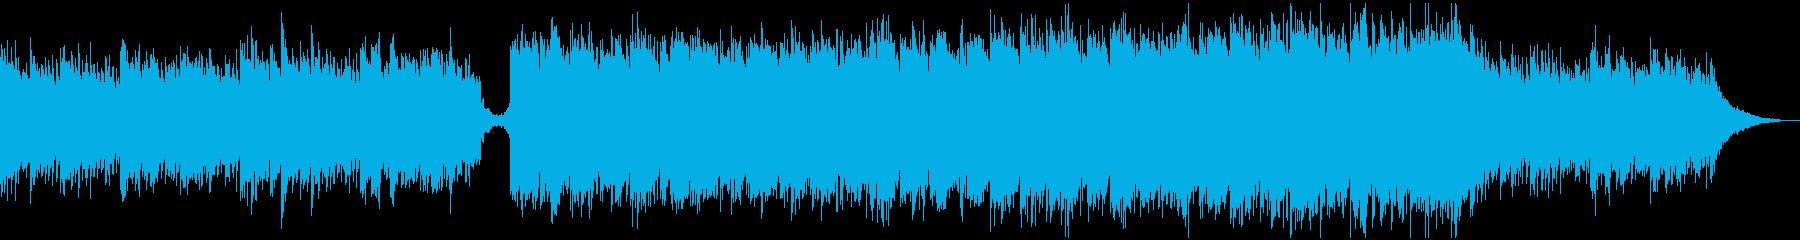 現代の交響曲 ポジティブ 明るい ...の再生済みの波形